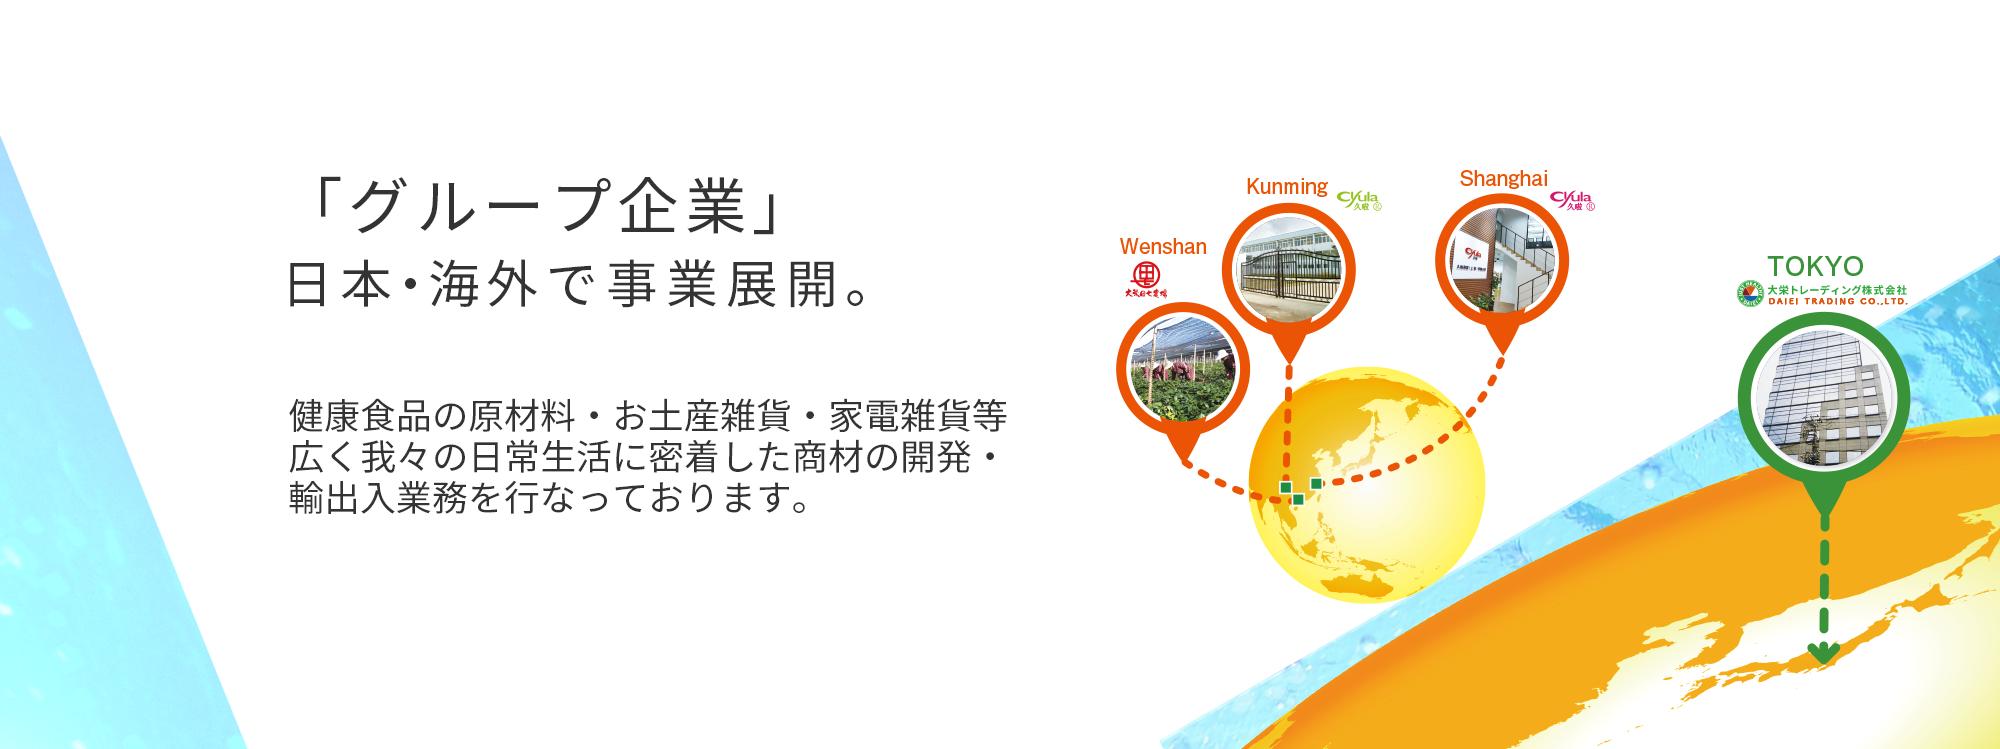 大栄トレーディング株式会社グループ企業イメージ